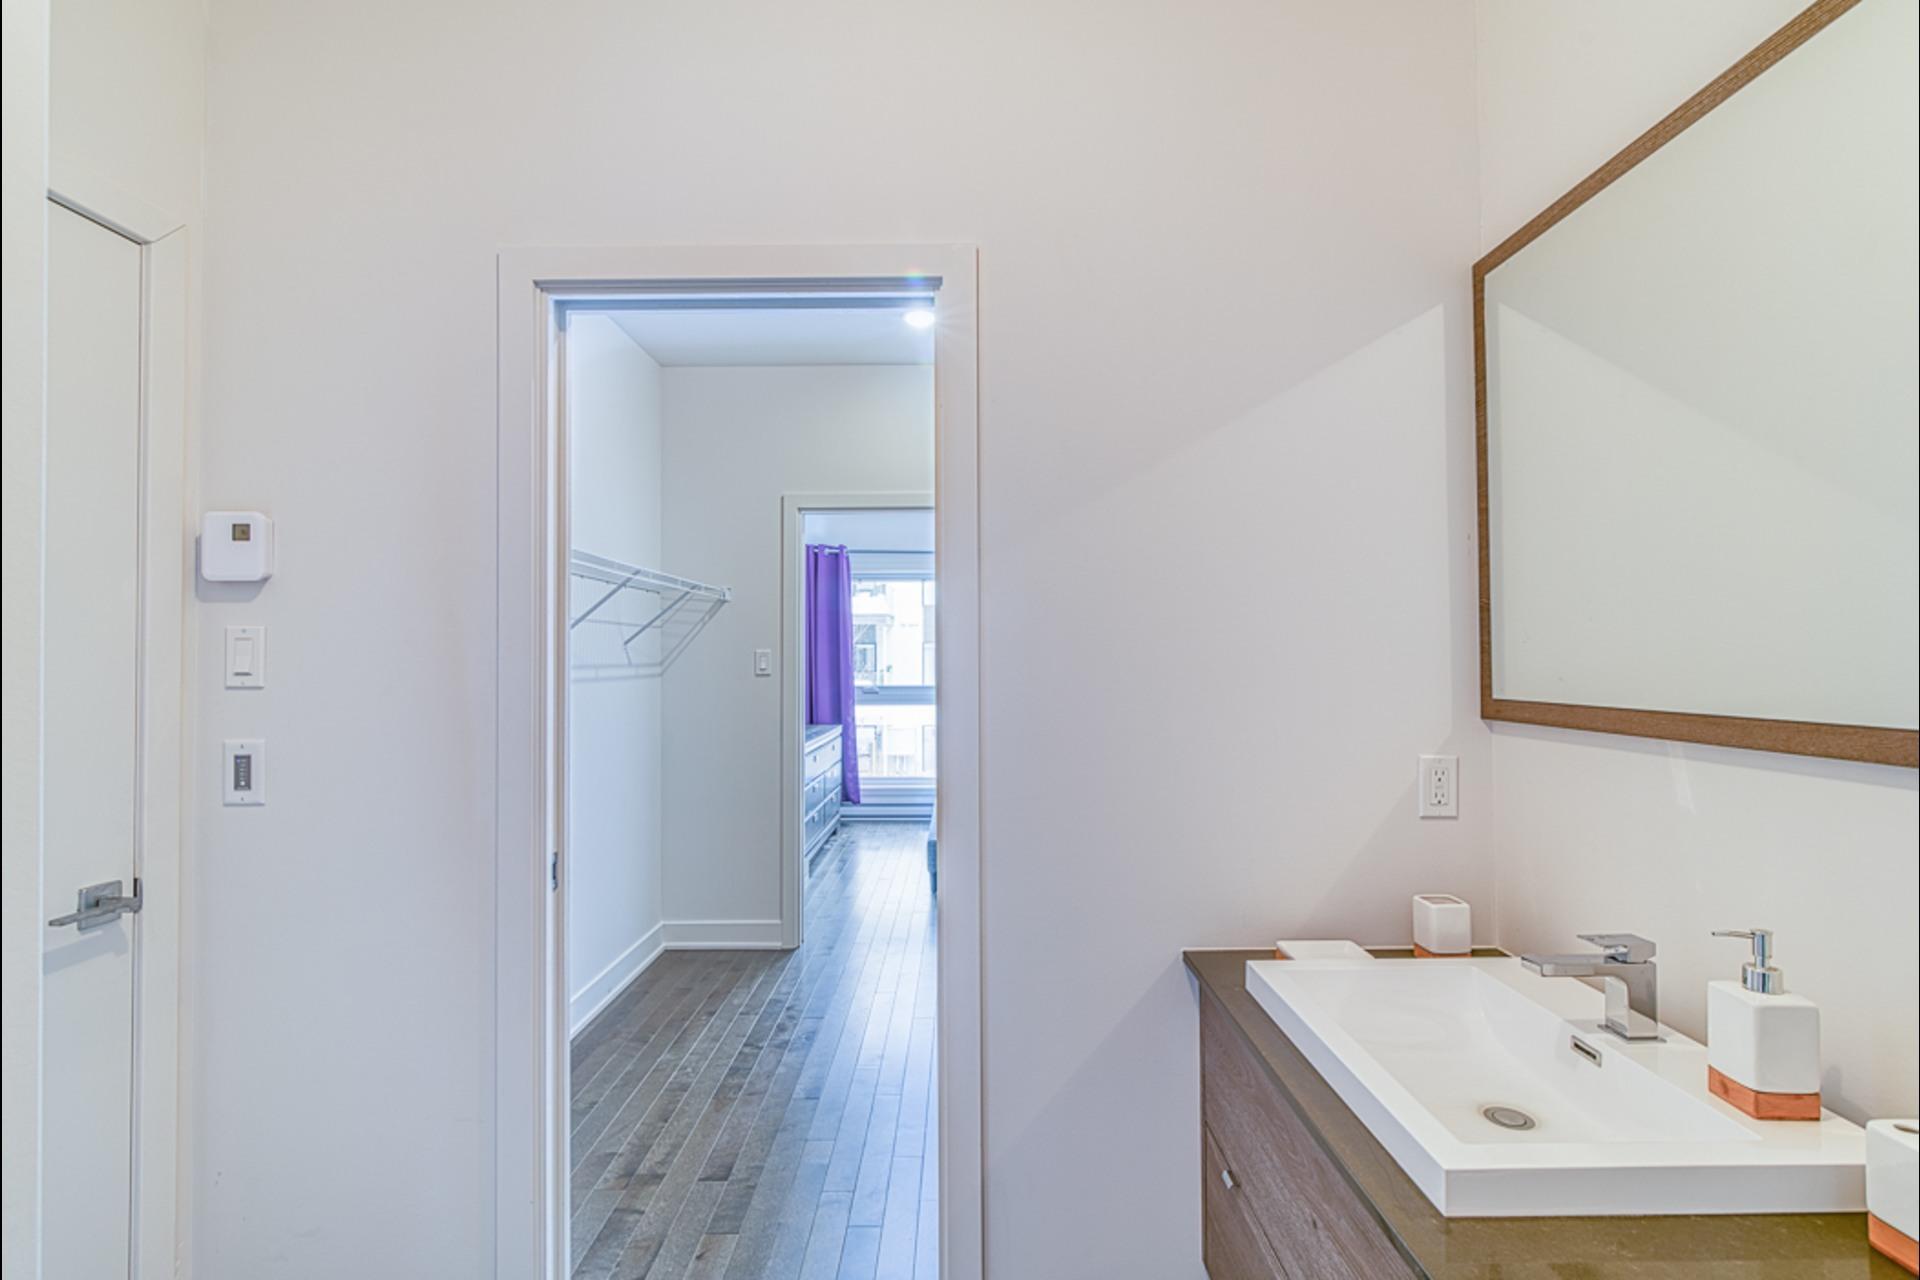 image 18 - MX - Condominio vertical - MX Para alquiler Montréal - 3 habitaciones